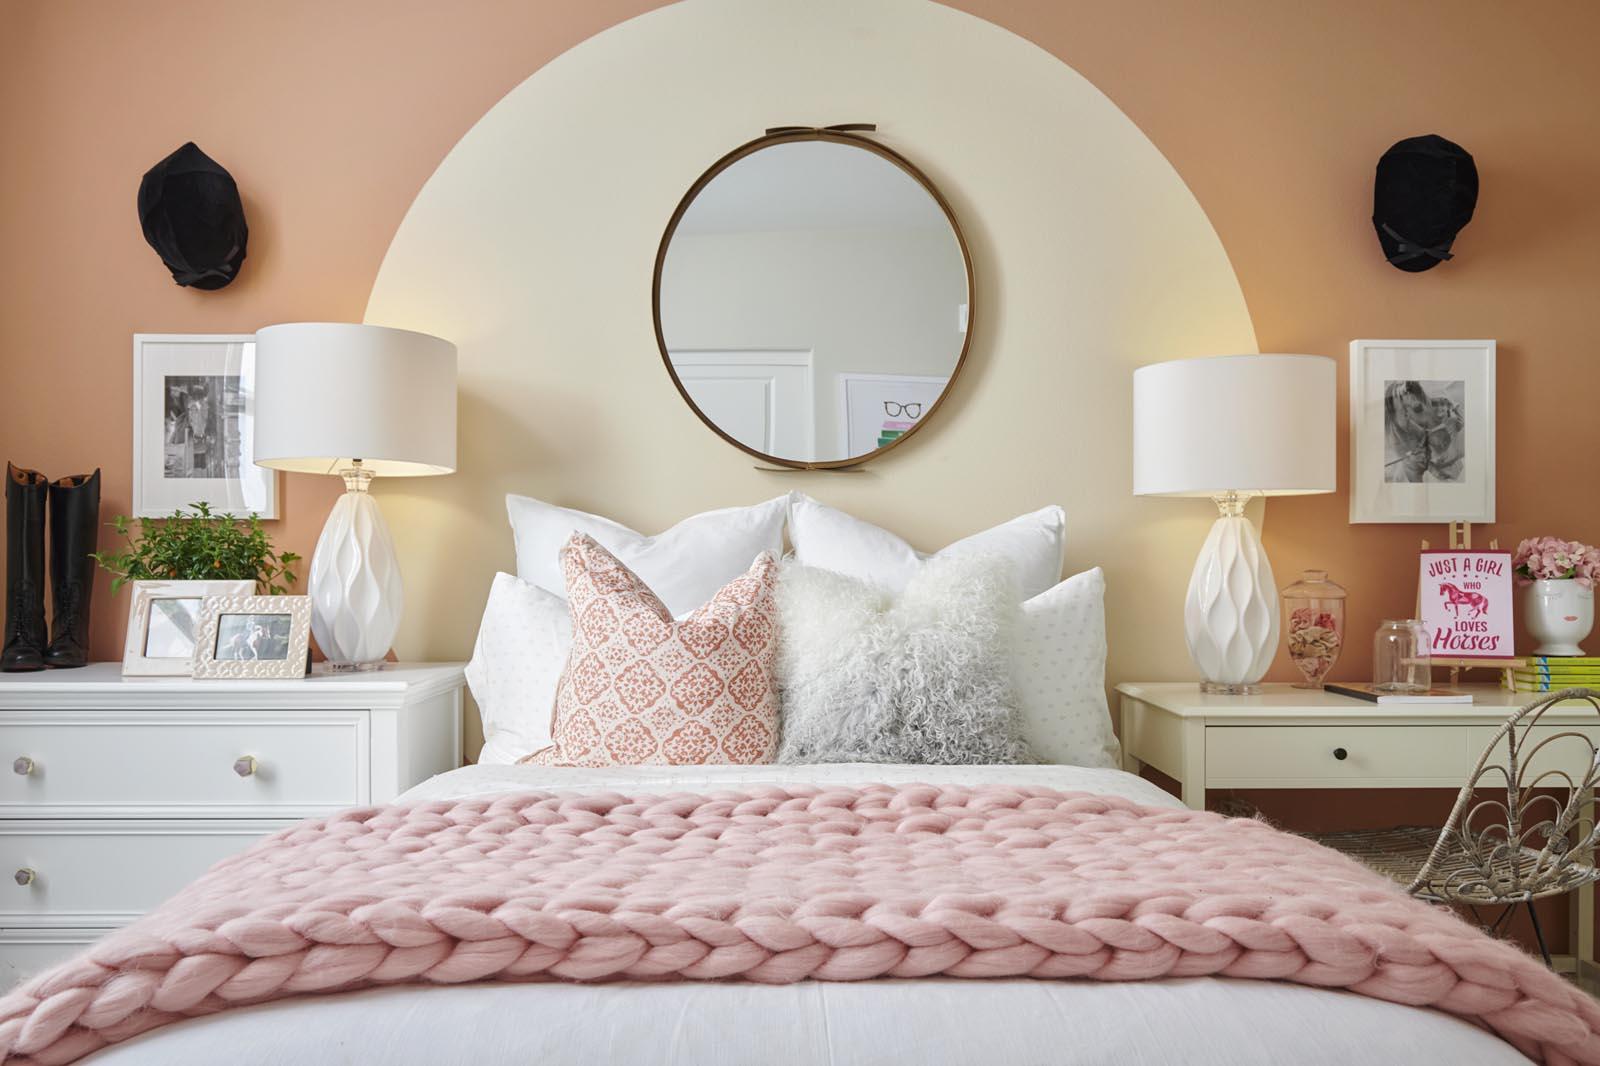 Bedroom | Residence 5 | Aspire | New Homes in Rancho Cucamonga, CA | Van Daele Homes